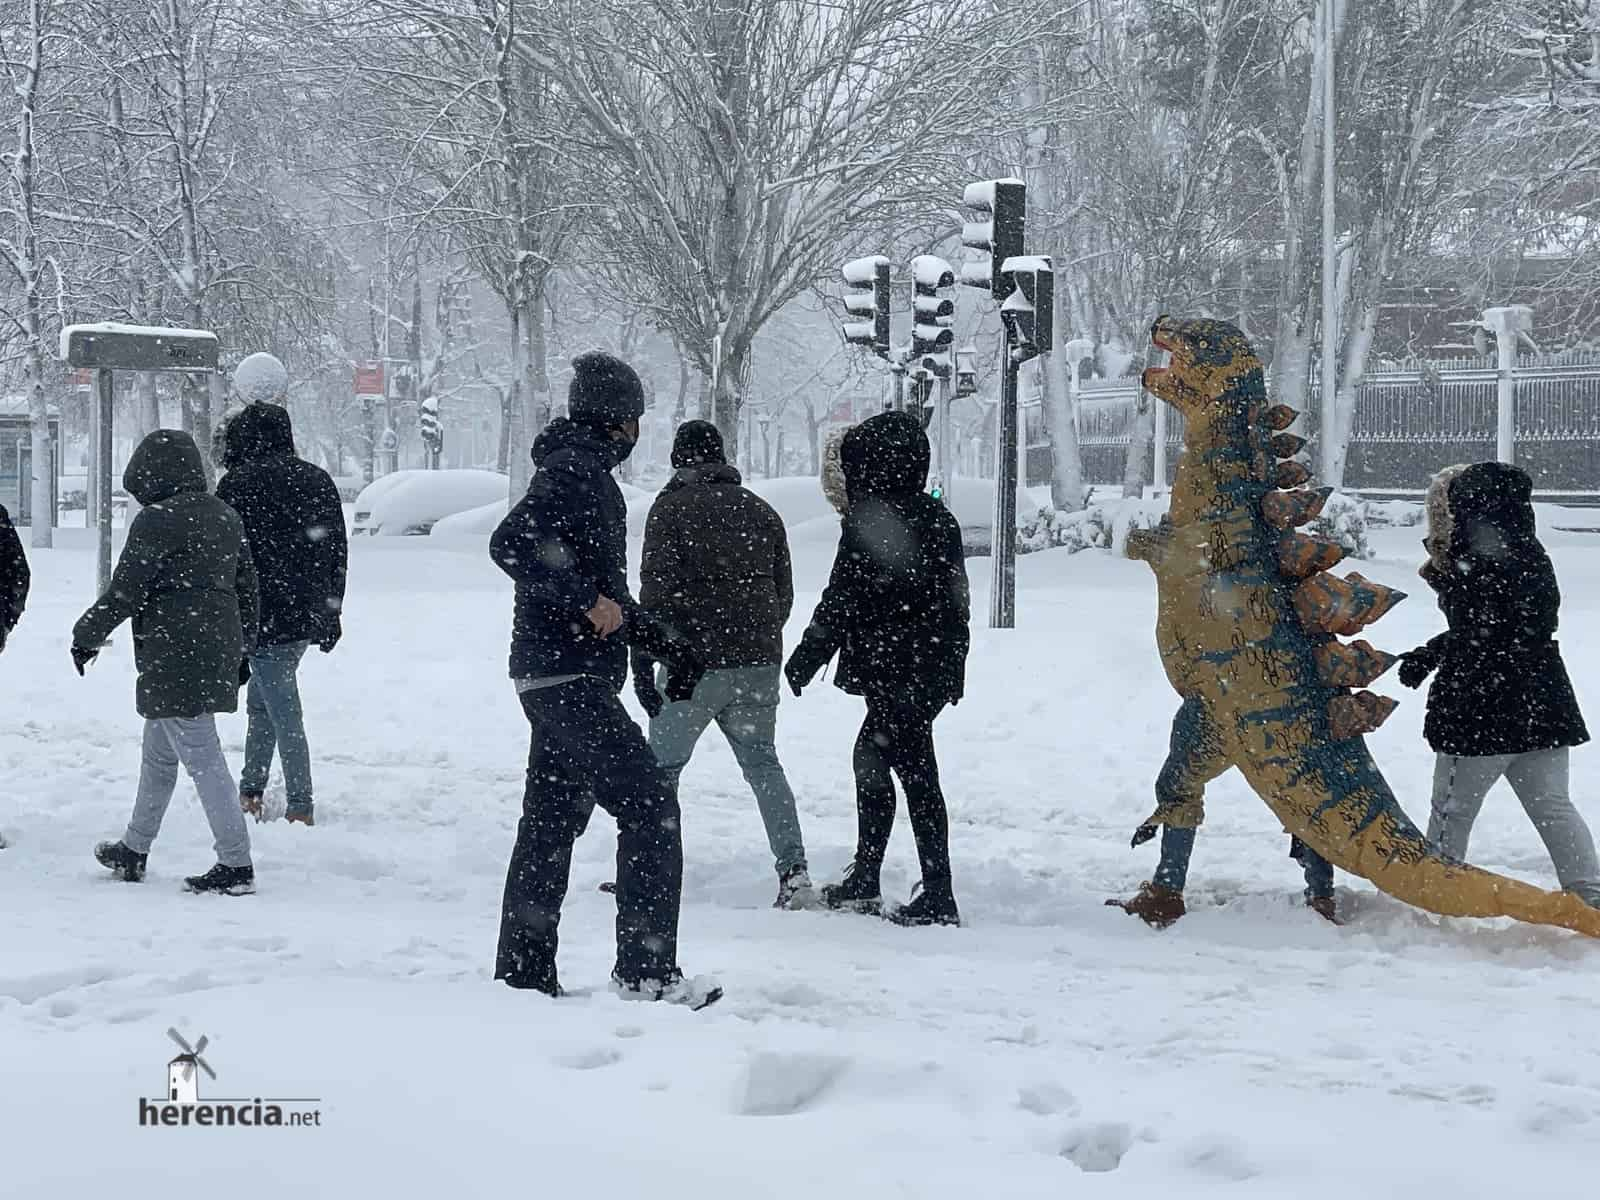 Fotografías de la nevada de enero en Madrid (España) 201